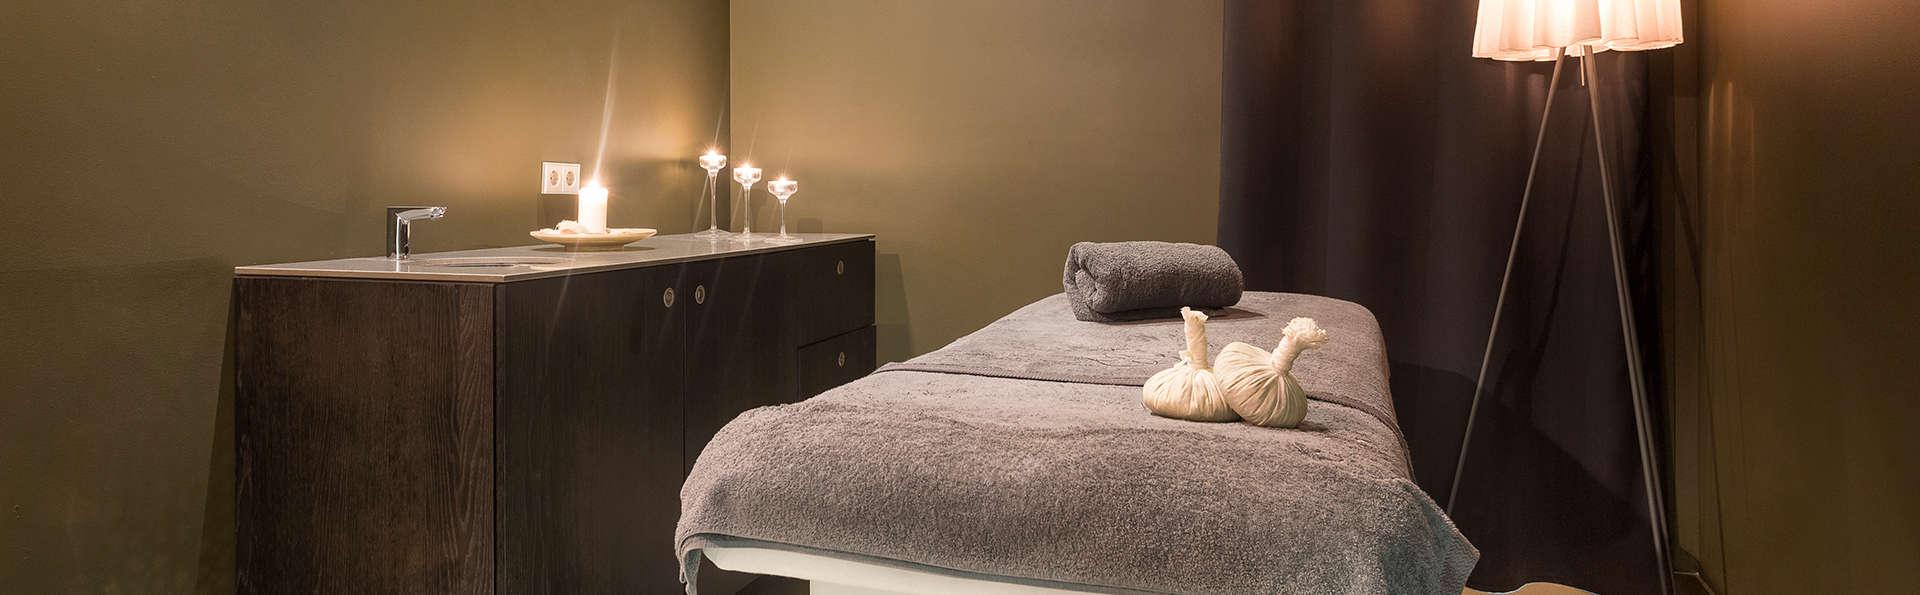 Luxe et détente : spa illimité, massage, verre de bienvenue et bien plus à Islantilla